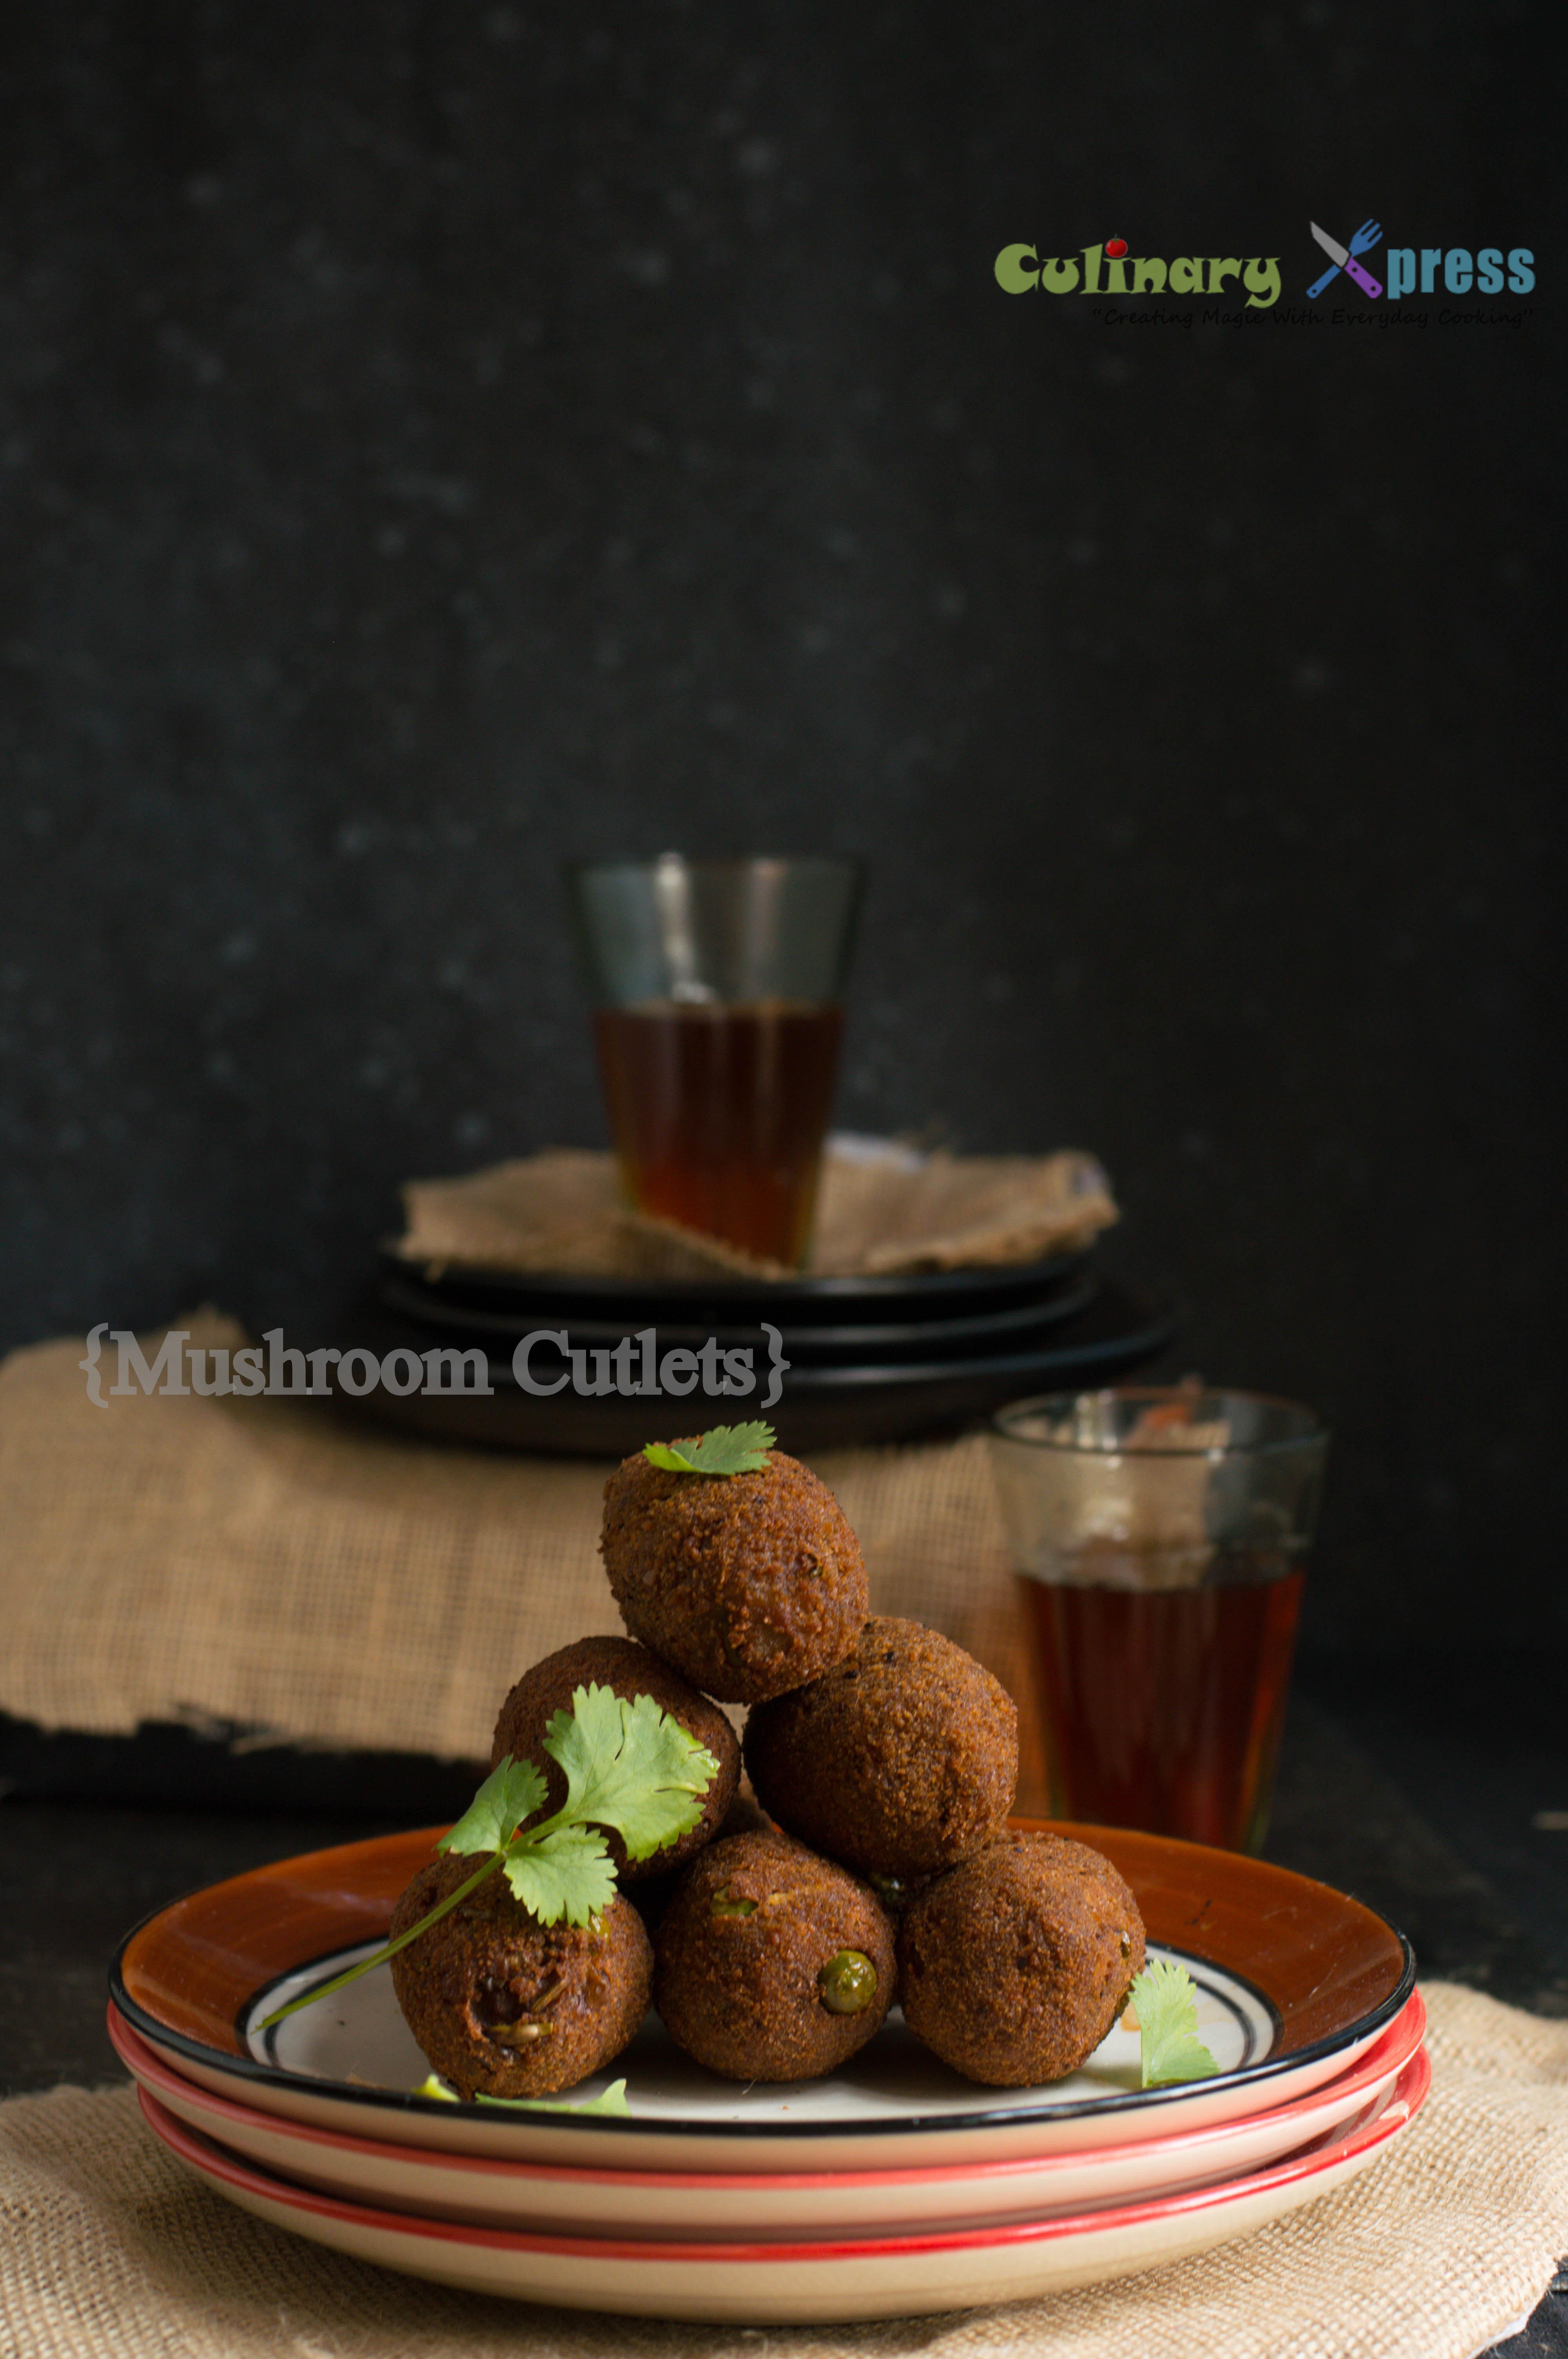 Mushroom Cutlets